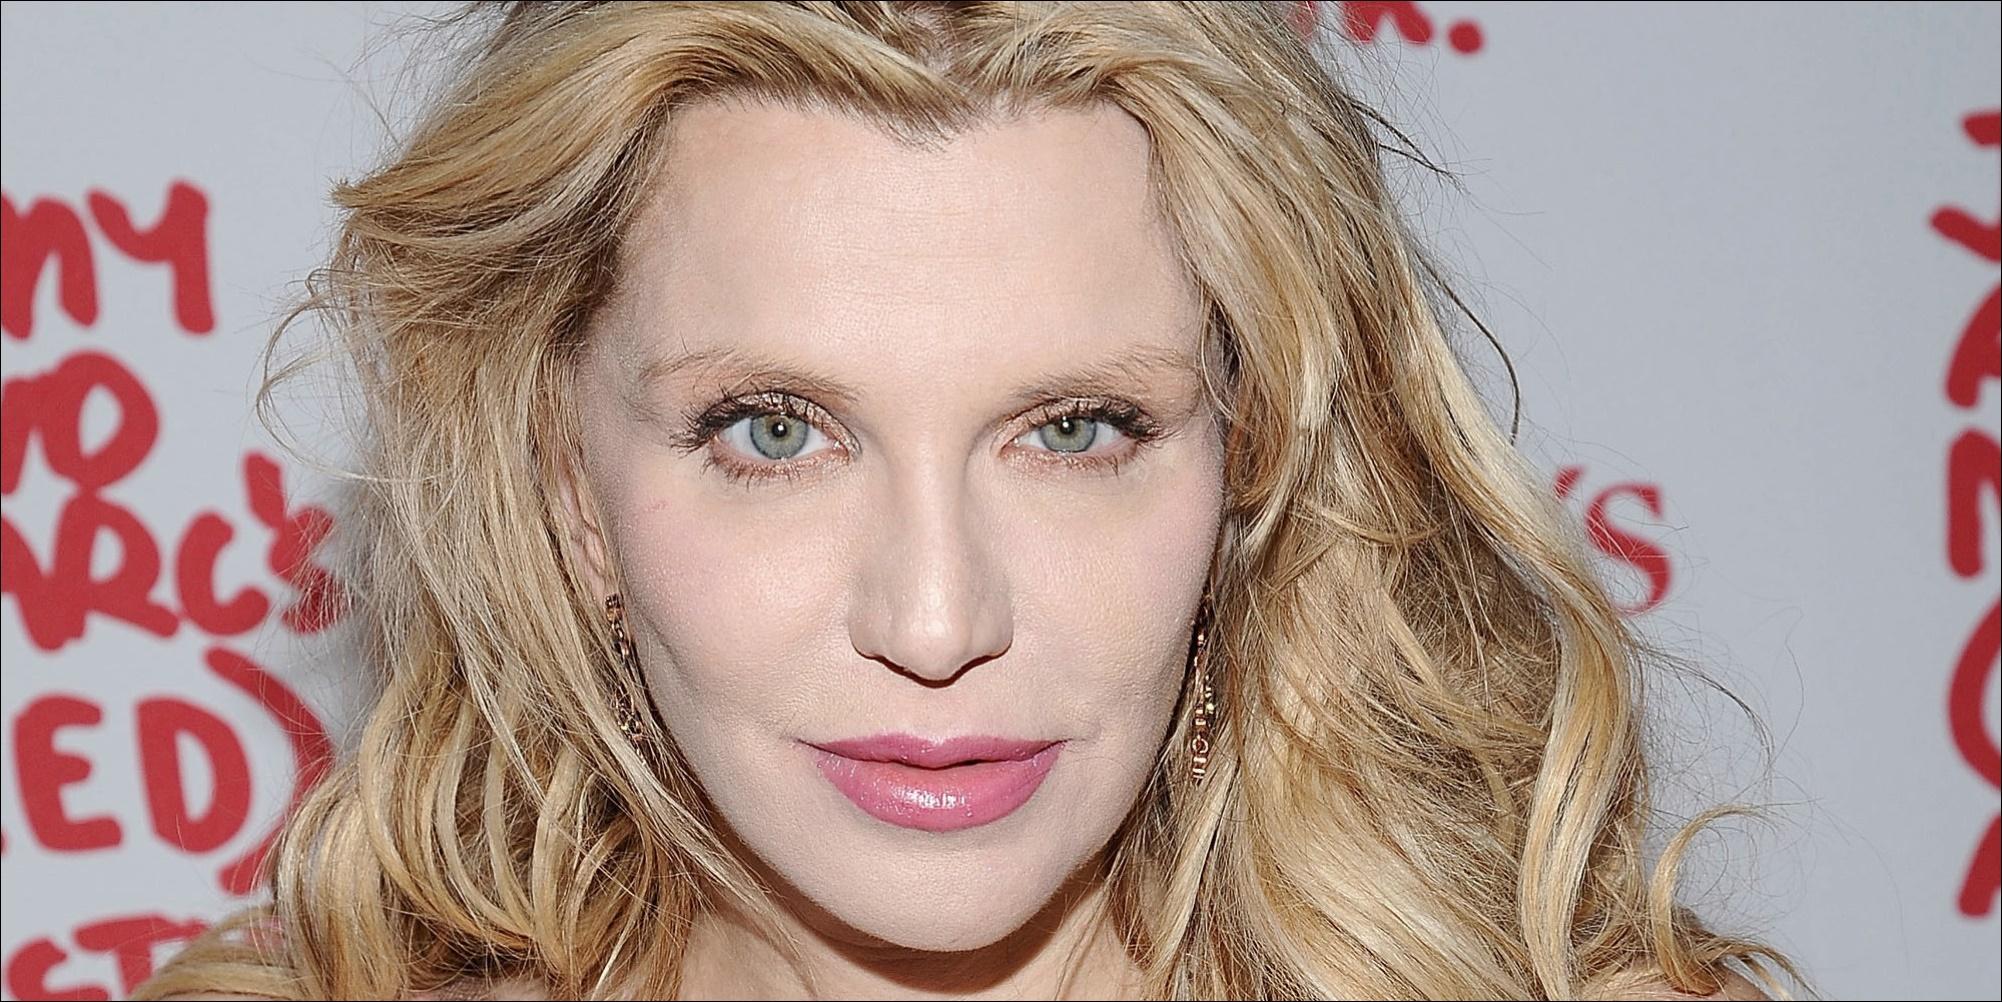 Courtney Love Nase Job Plastische Chirurgie vor und nach Fotos